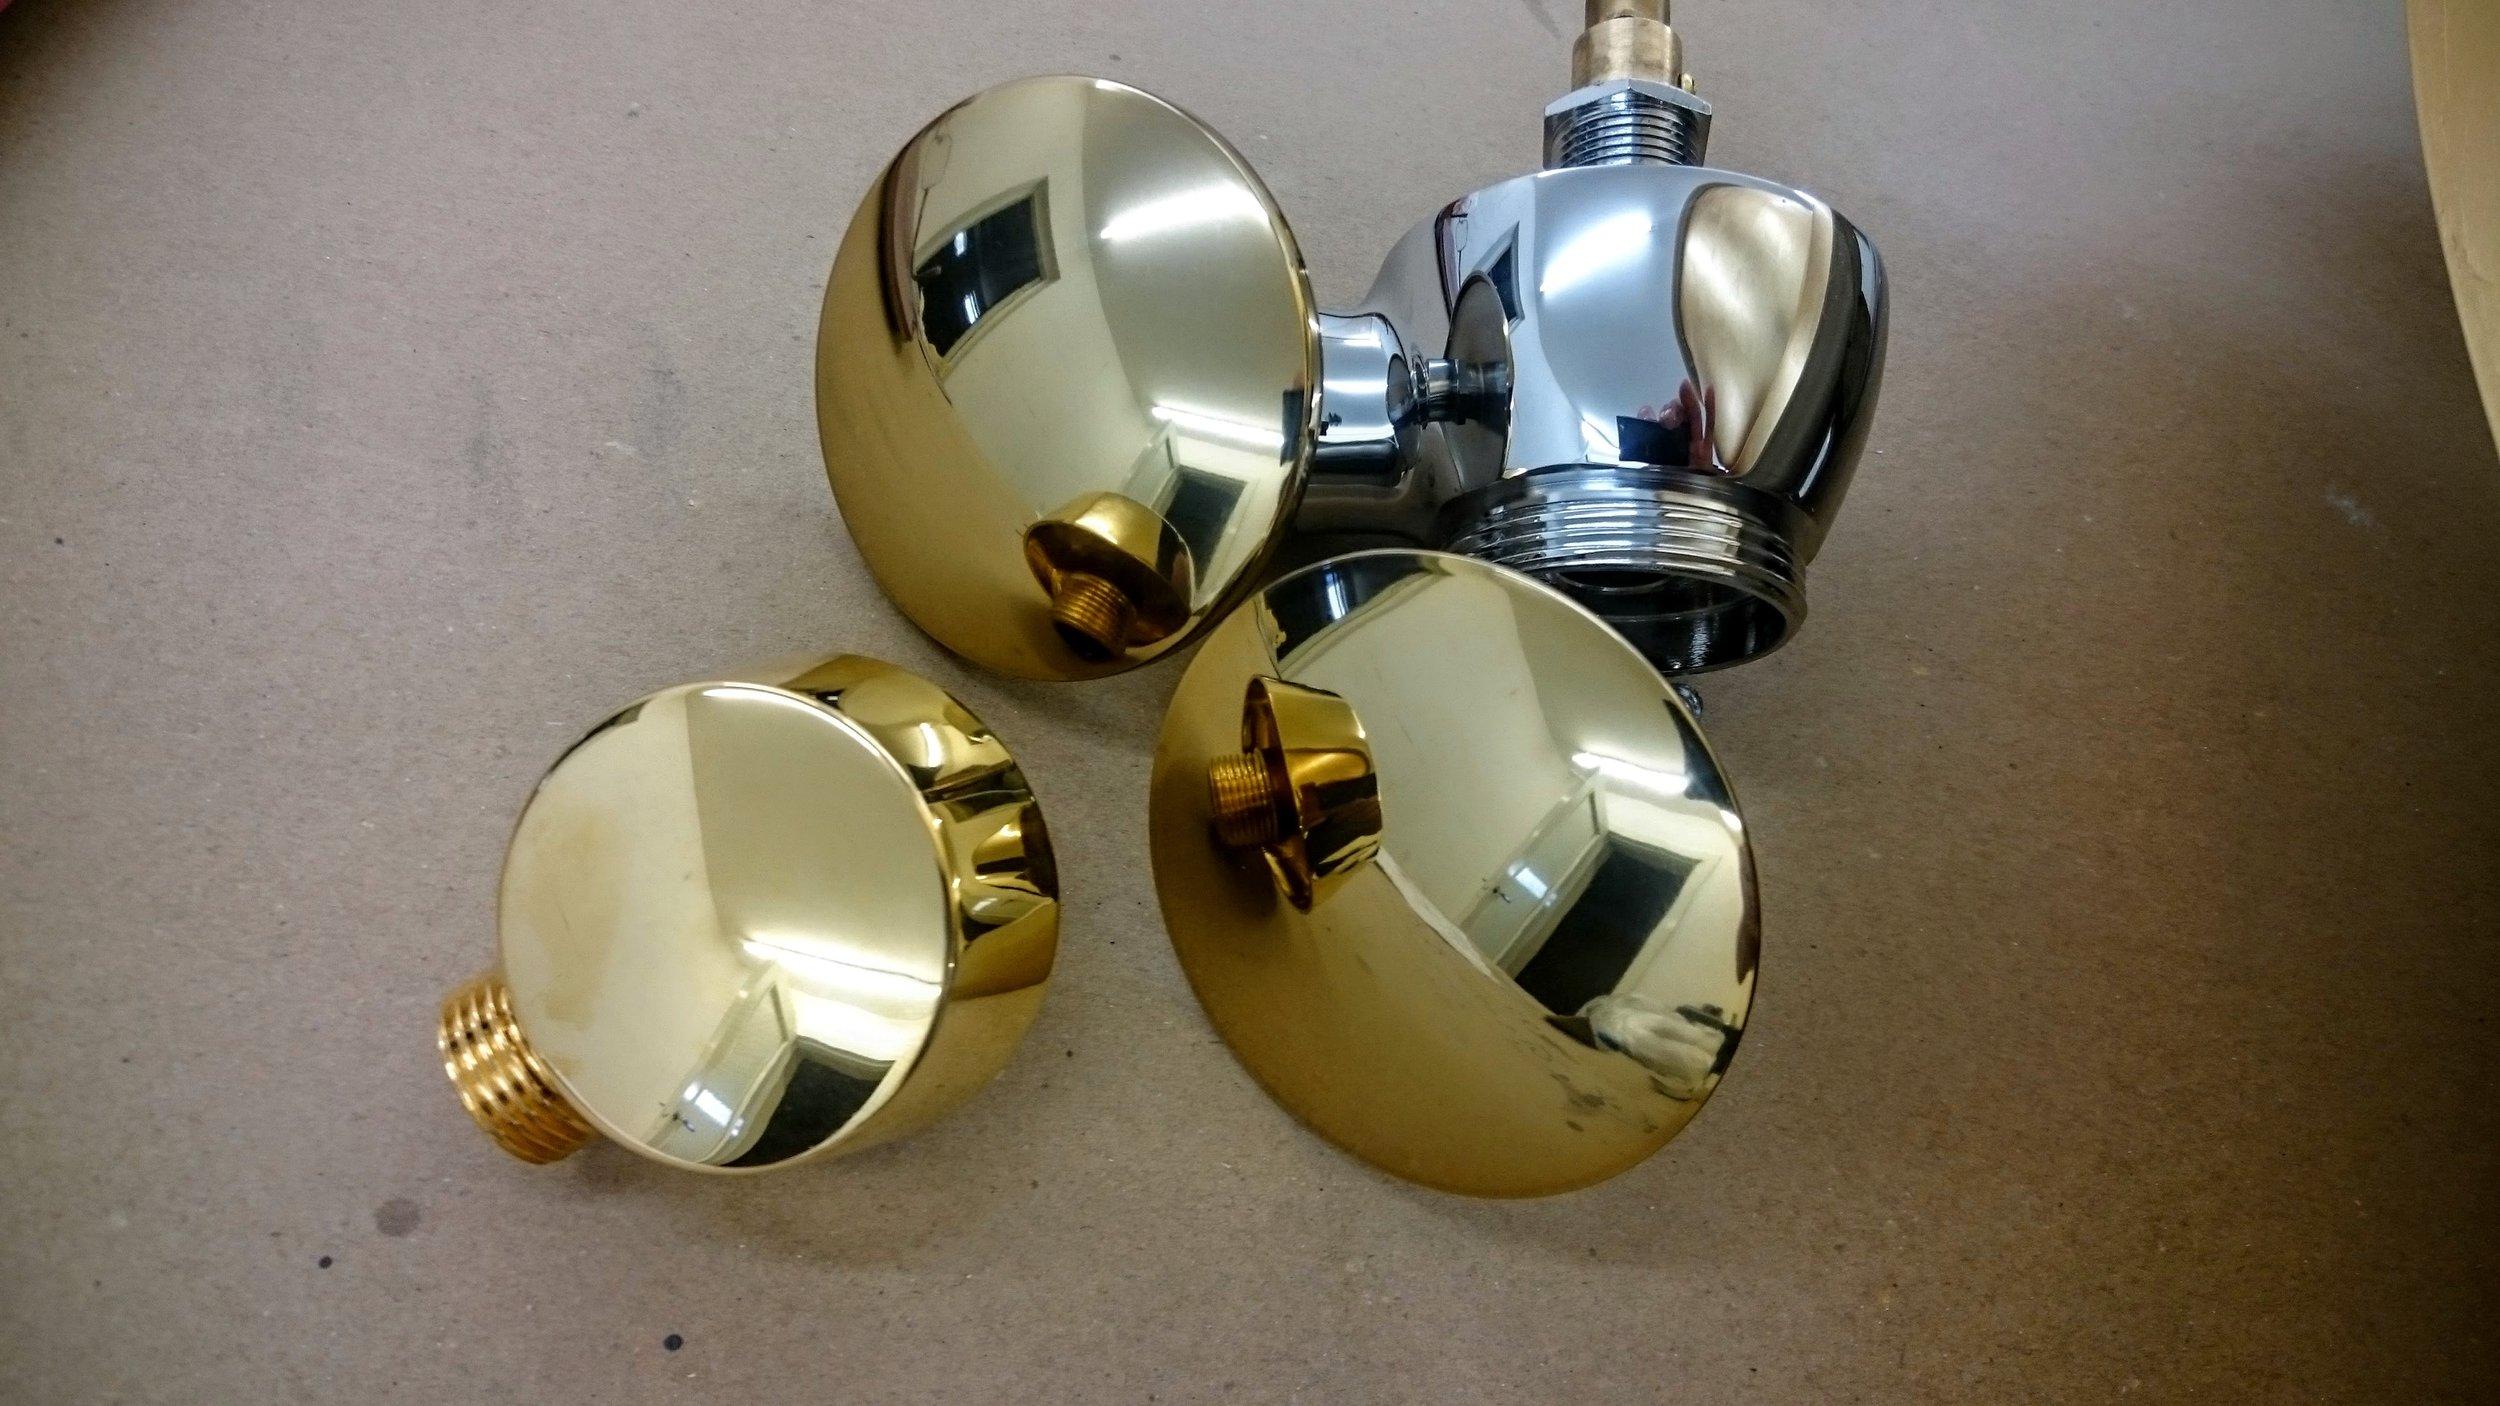 8. Aukso spalvos padengimas ant chromuoto metalo paviršiaus.